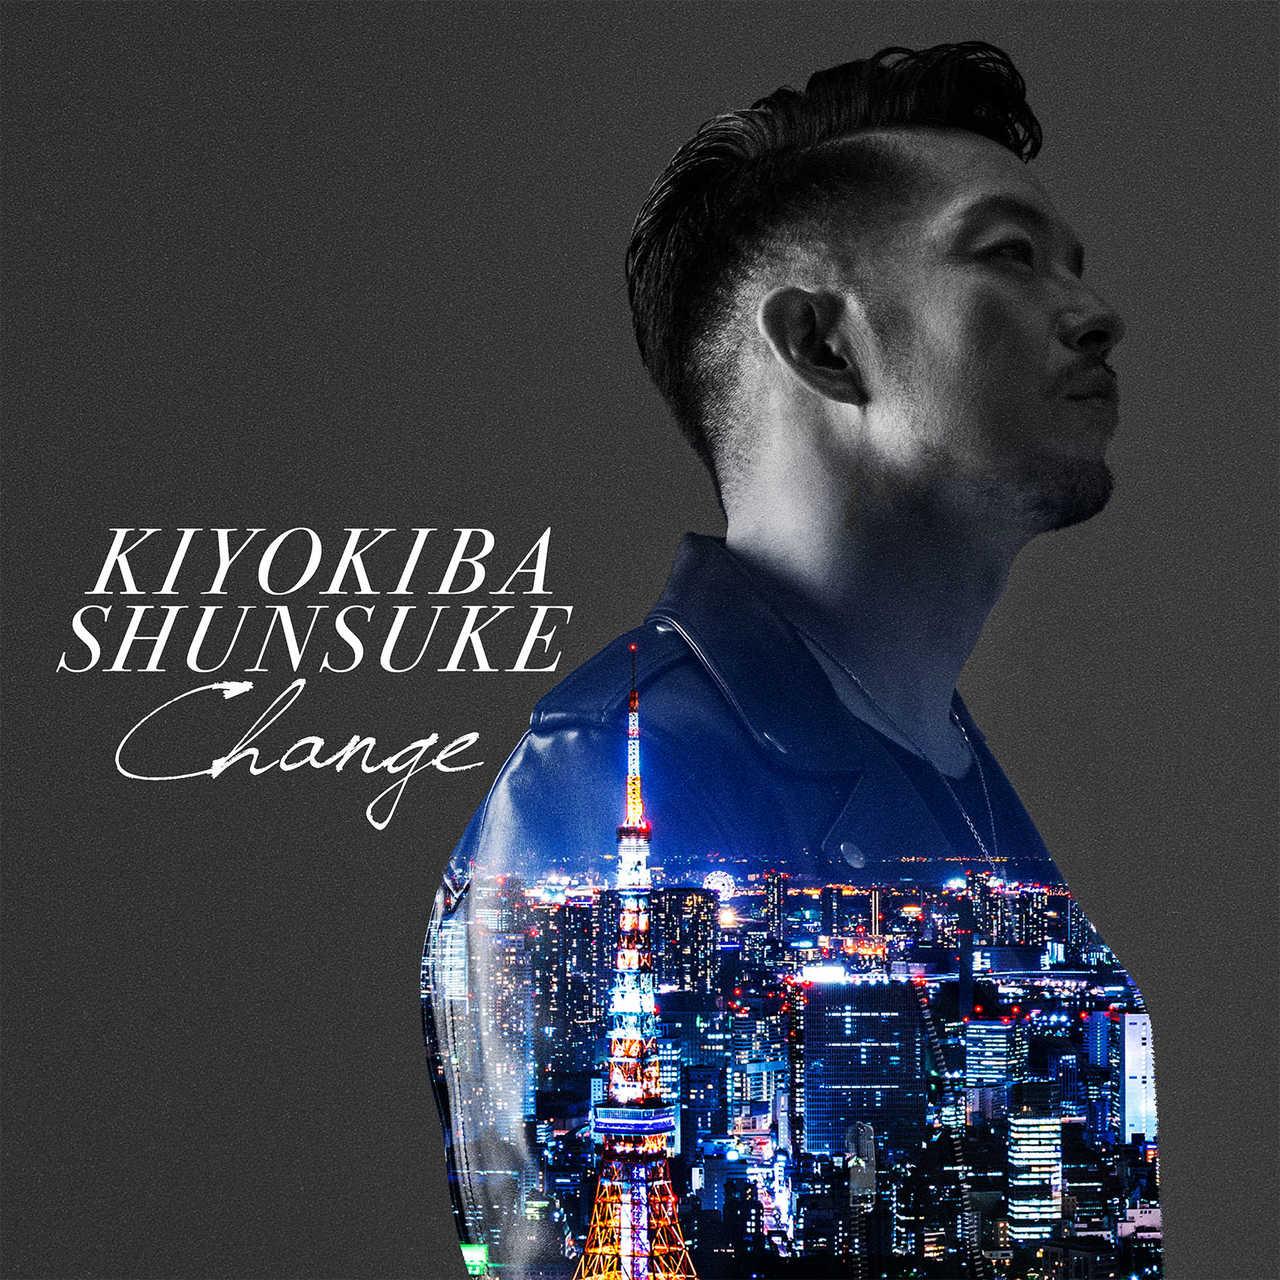 アルバム『CHANGE』